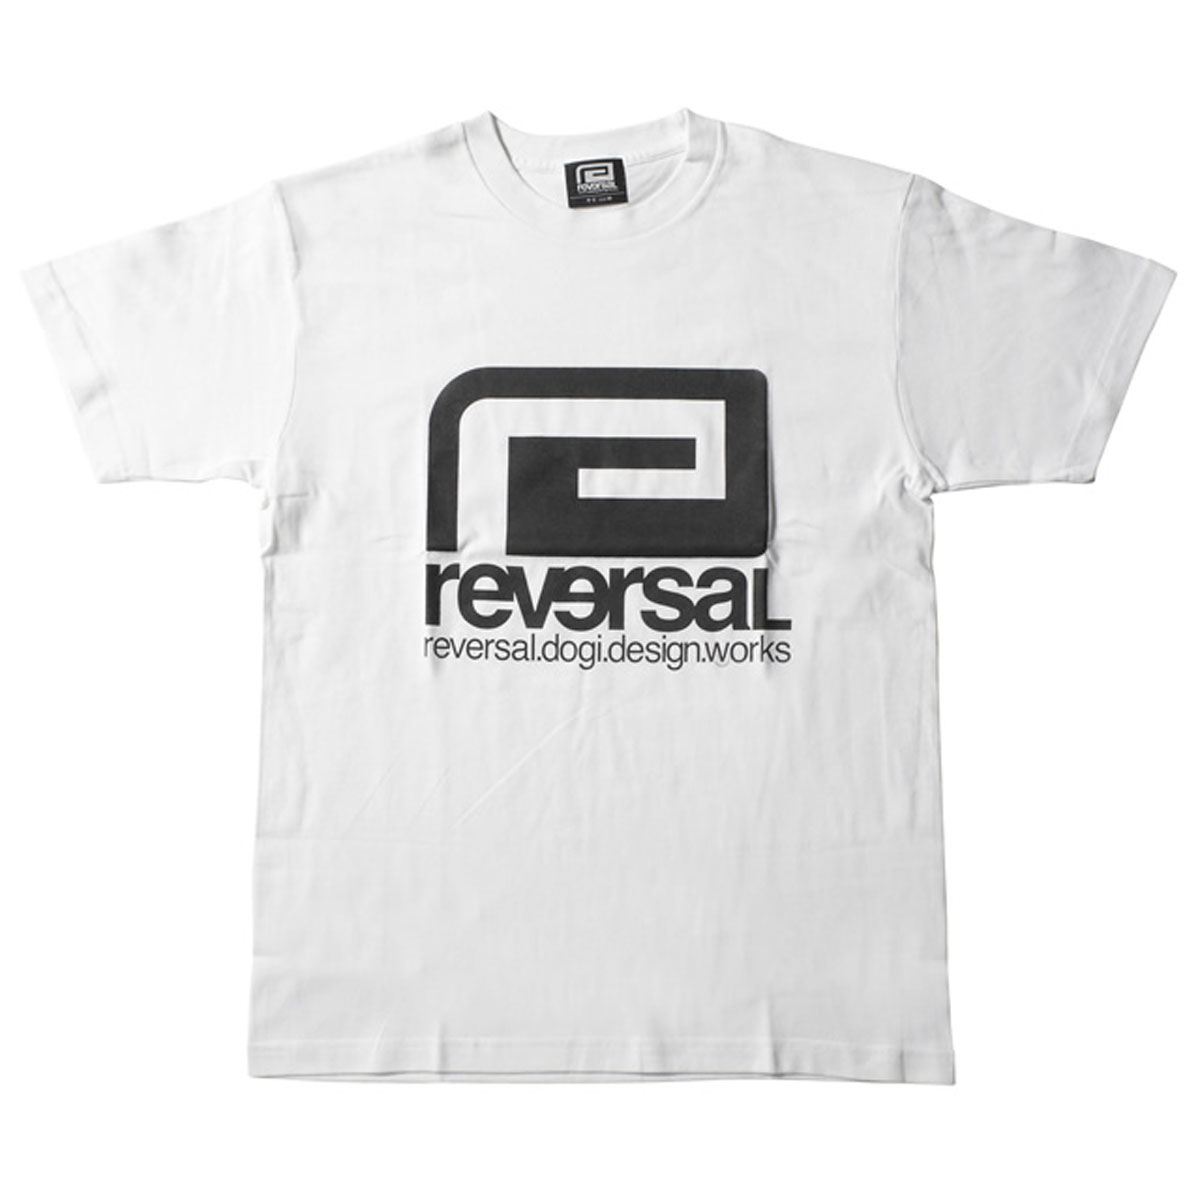 reversal_7